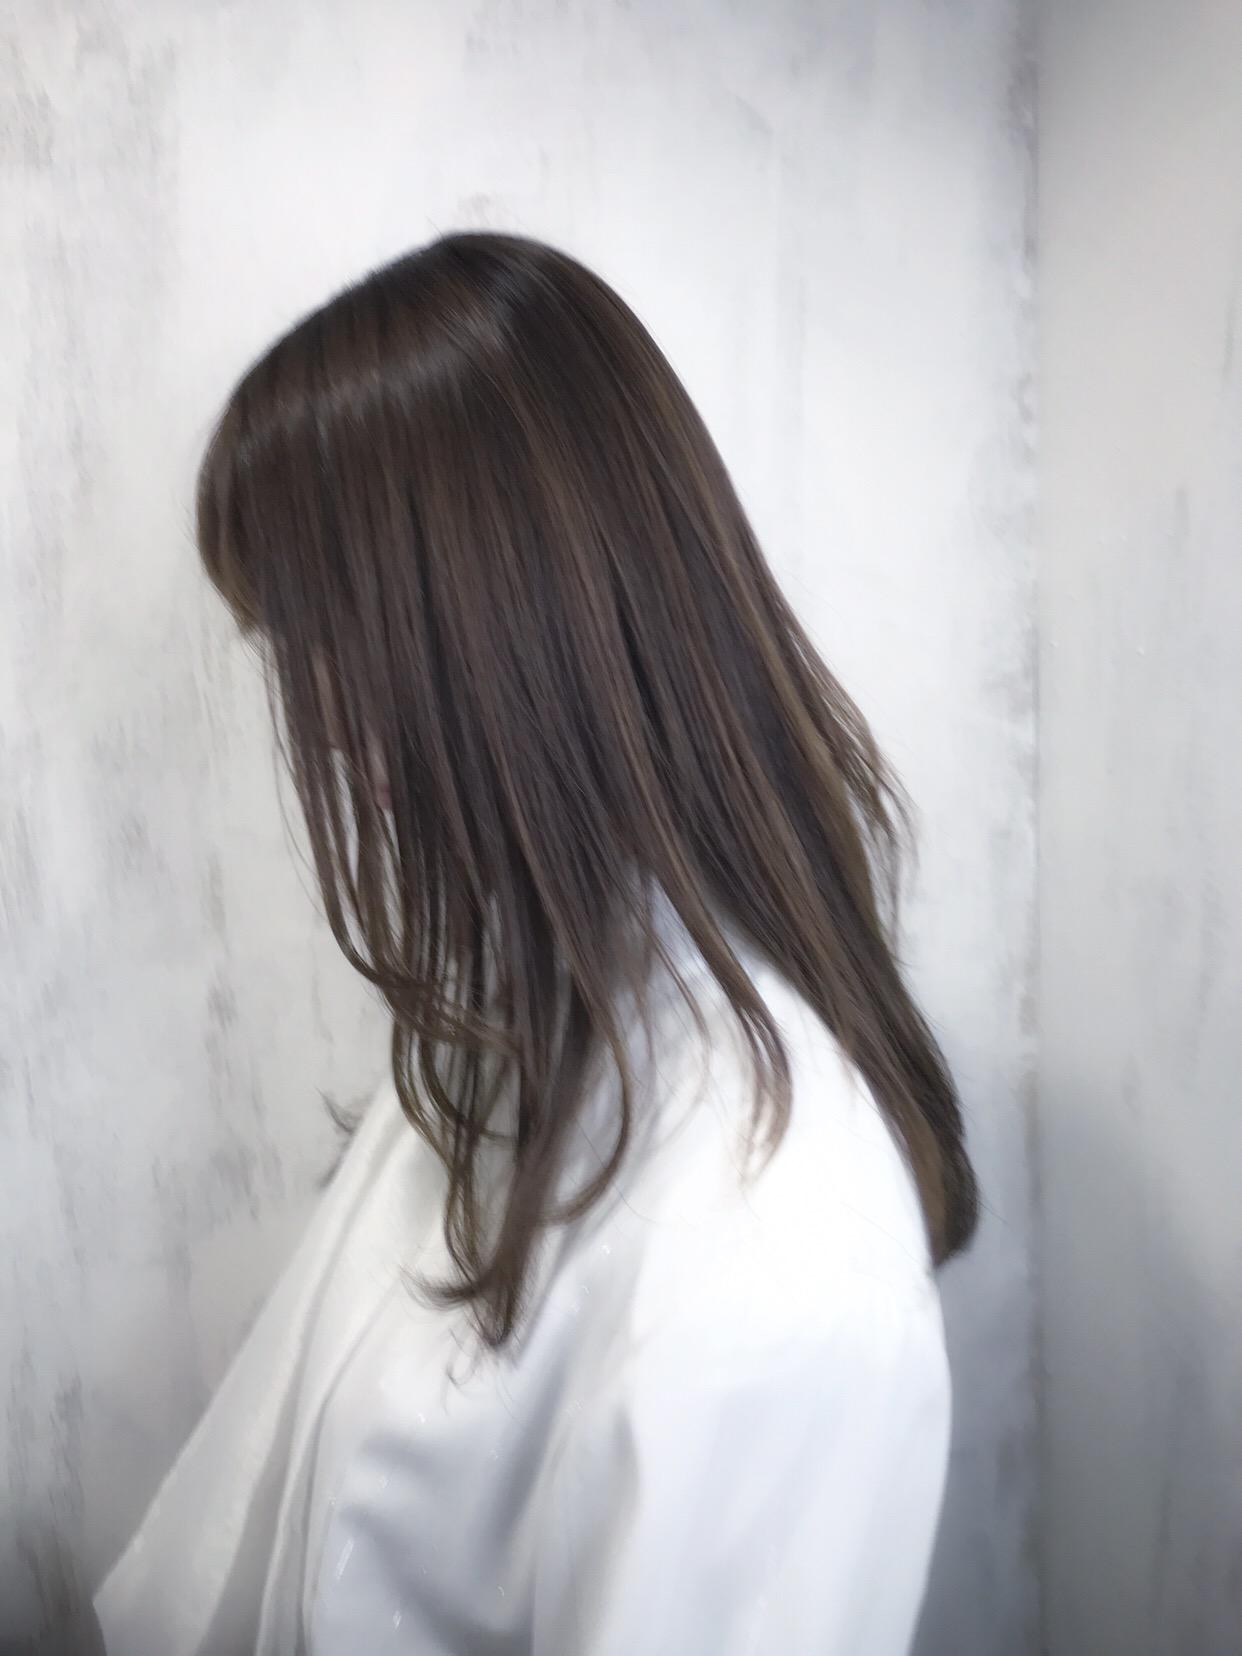 縮毛矯正で失敗しない為の正しい知識【10のこと】